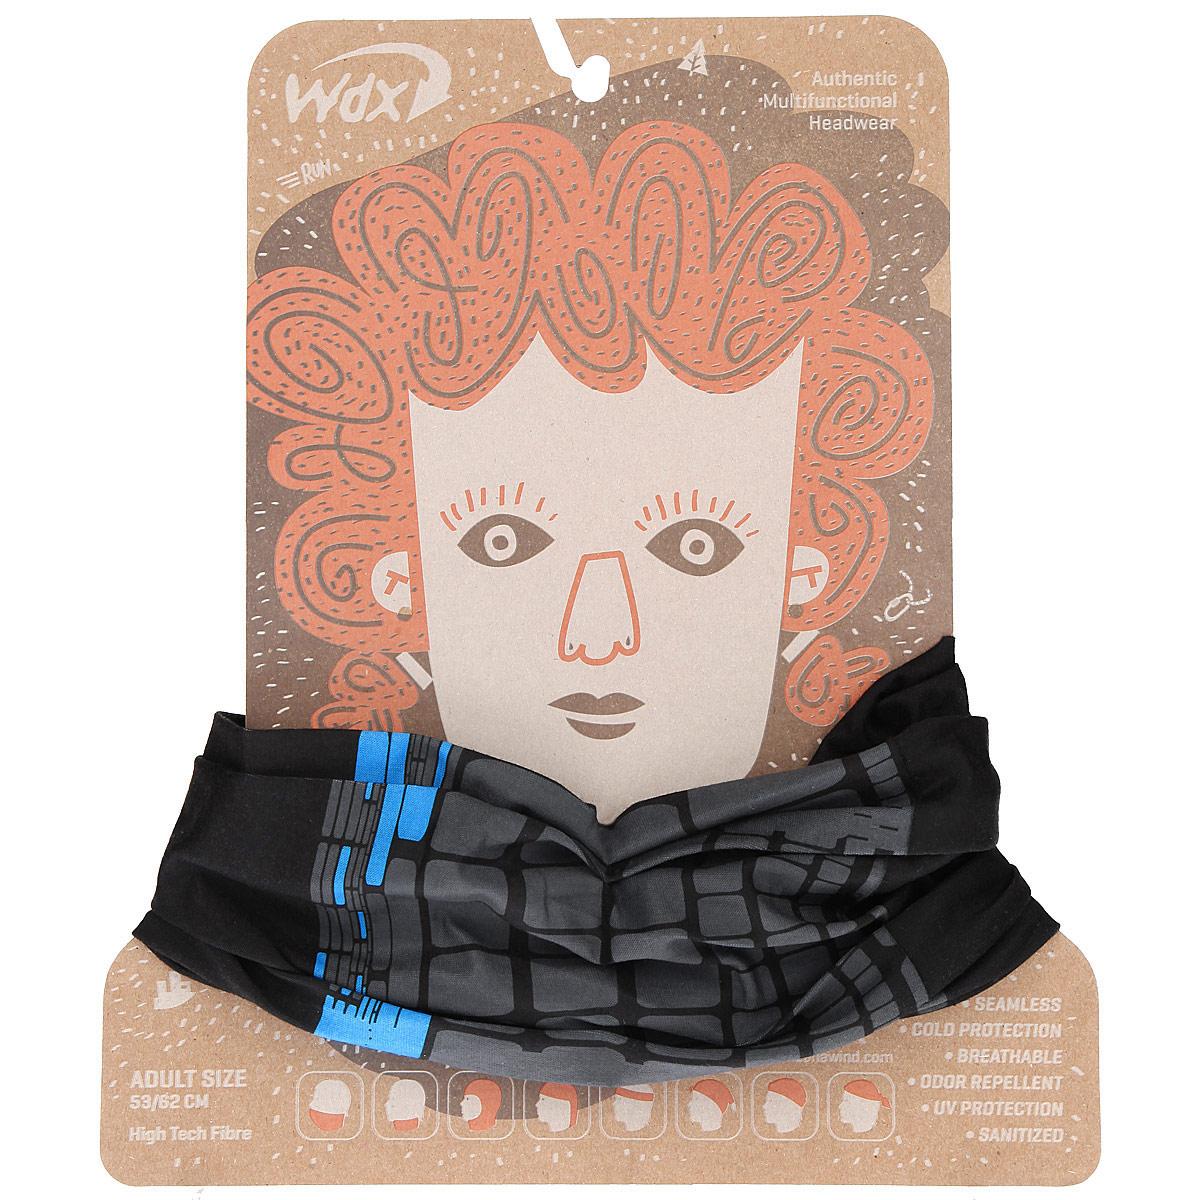 Бандана многофункциональная WindXtreme Wind, цвет: черный, серый, голубой (1264). Размер 53/62УТ-00006334_BlackJackМногофункциональный головной убор WindXtreme Wind - это очень современный предмет одежды, который защитит вас от ветра. Его можно использовать как: шарф, шейный платок, бандану, повязку, ленту для волос, балаклаву и шапку. Подходит для занятий бегом, походов, скалолазания, езды на велосипеде, сноуборда, катания на лыжах, мотоциклах, игры в хоккей, а так же для повседневного использования.Бандана не имеет швов, а материал из микроволокна позволяет коже дышать, гарантирует дополнительные тепло и комфорт, отведение влаги, быстрое высыхание. Изделие очень эластично и принимает практически любую форму. Обладает антибактериальным эффектом.Уважаемые клиенты!Размер, доступный для заказа, является обхватом головы.